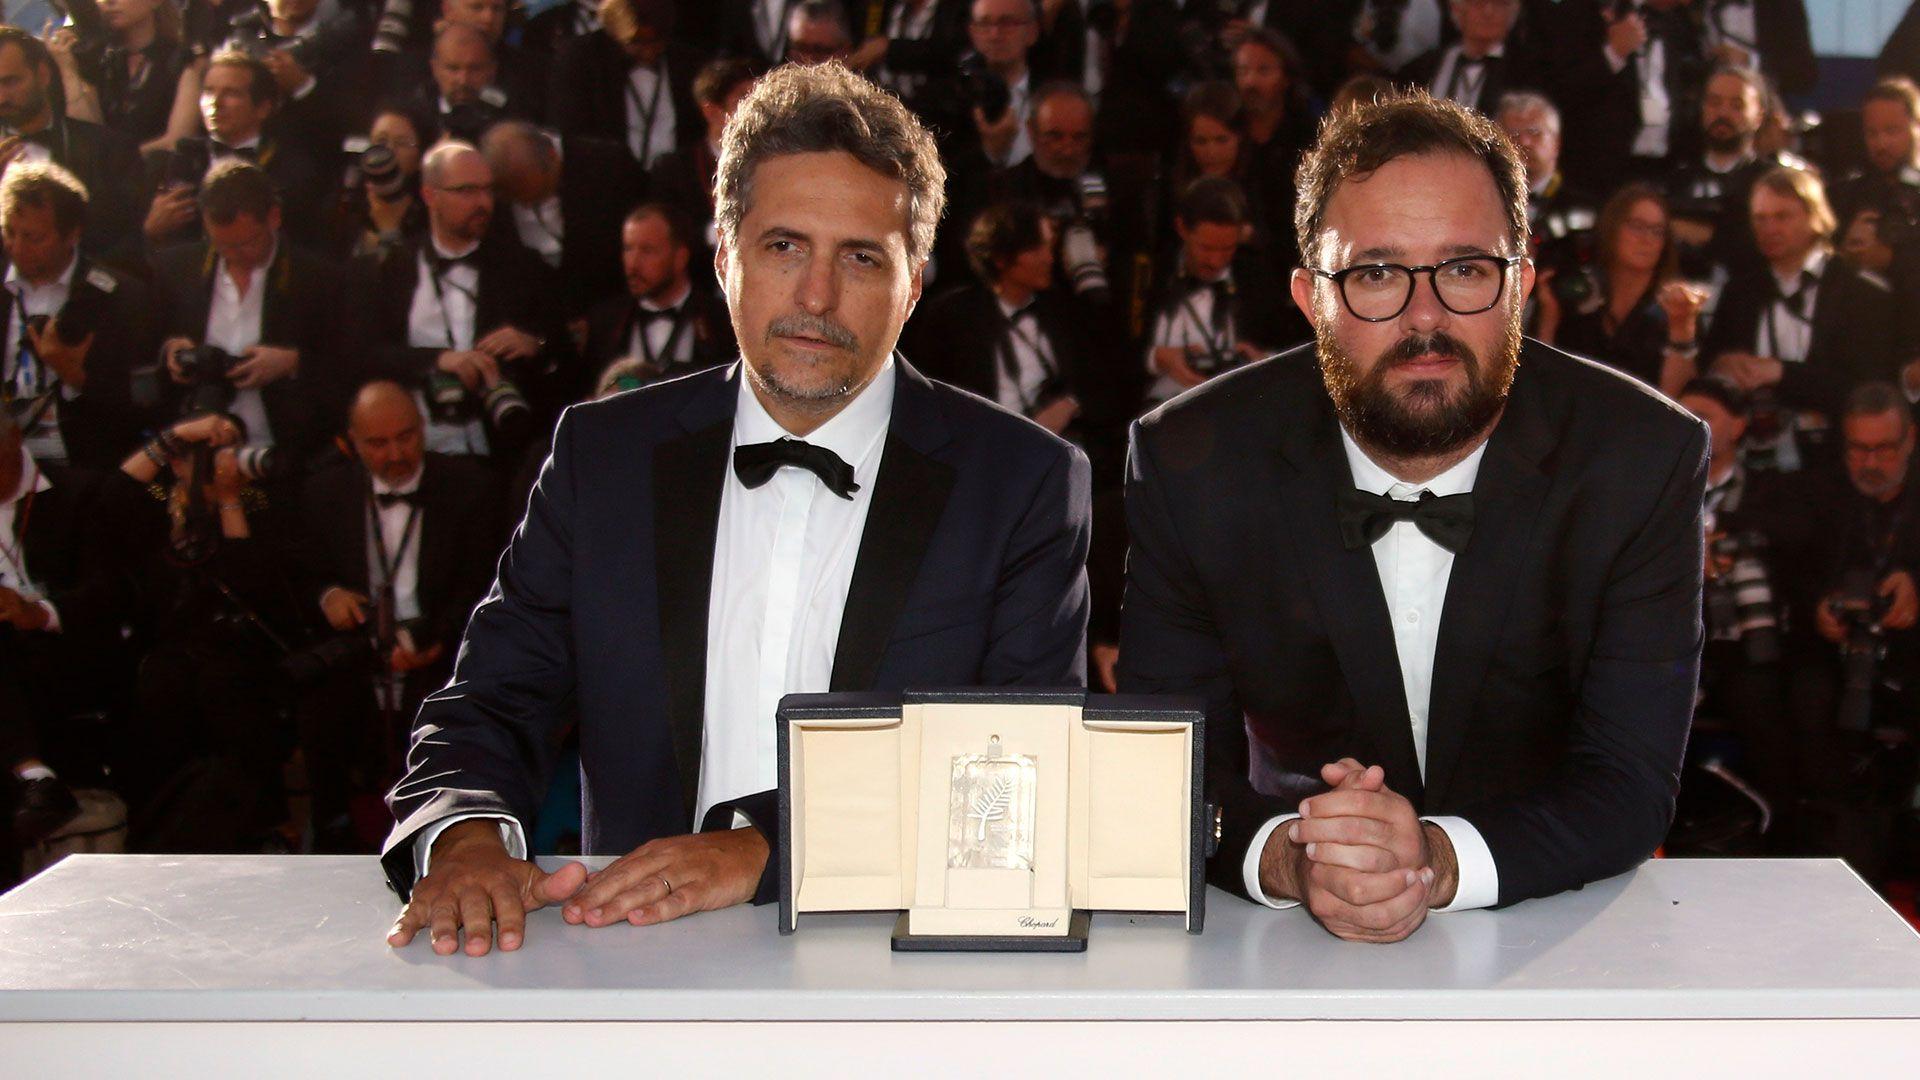 """Los directores brasileños Kleber Mendonça Filho y Juliano Dornelles por """"Bacurau"""" ganaron el premio """"ex aequo"""" del Jurado de la 72 edición del Festival de Cannes (Reuters)"""